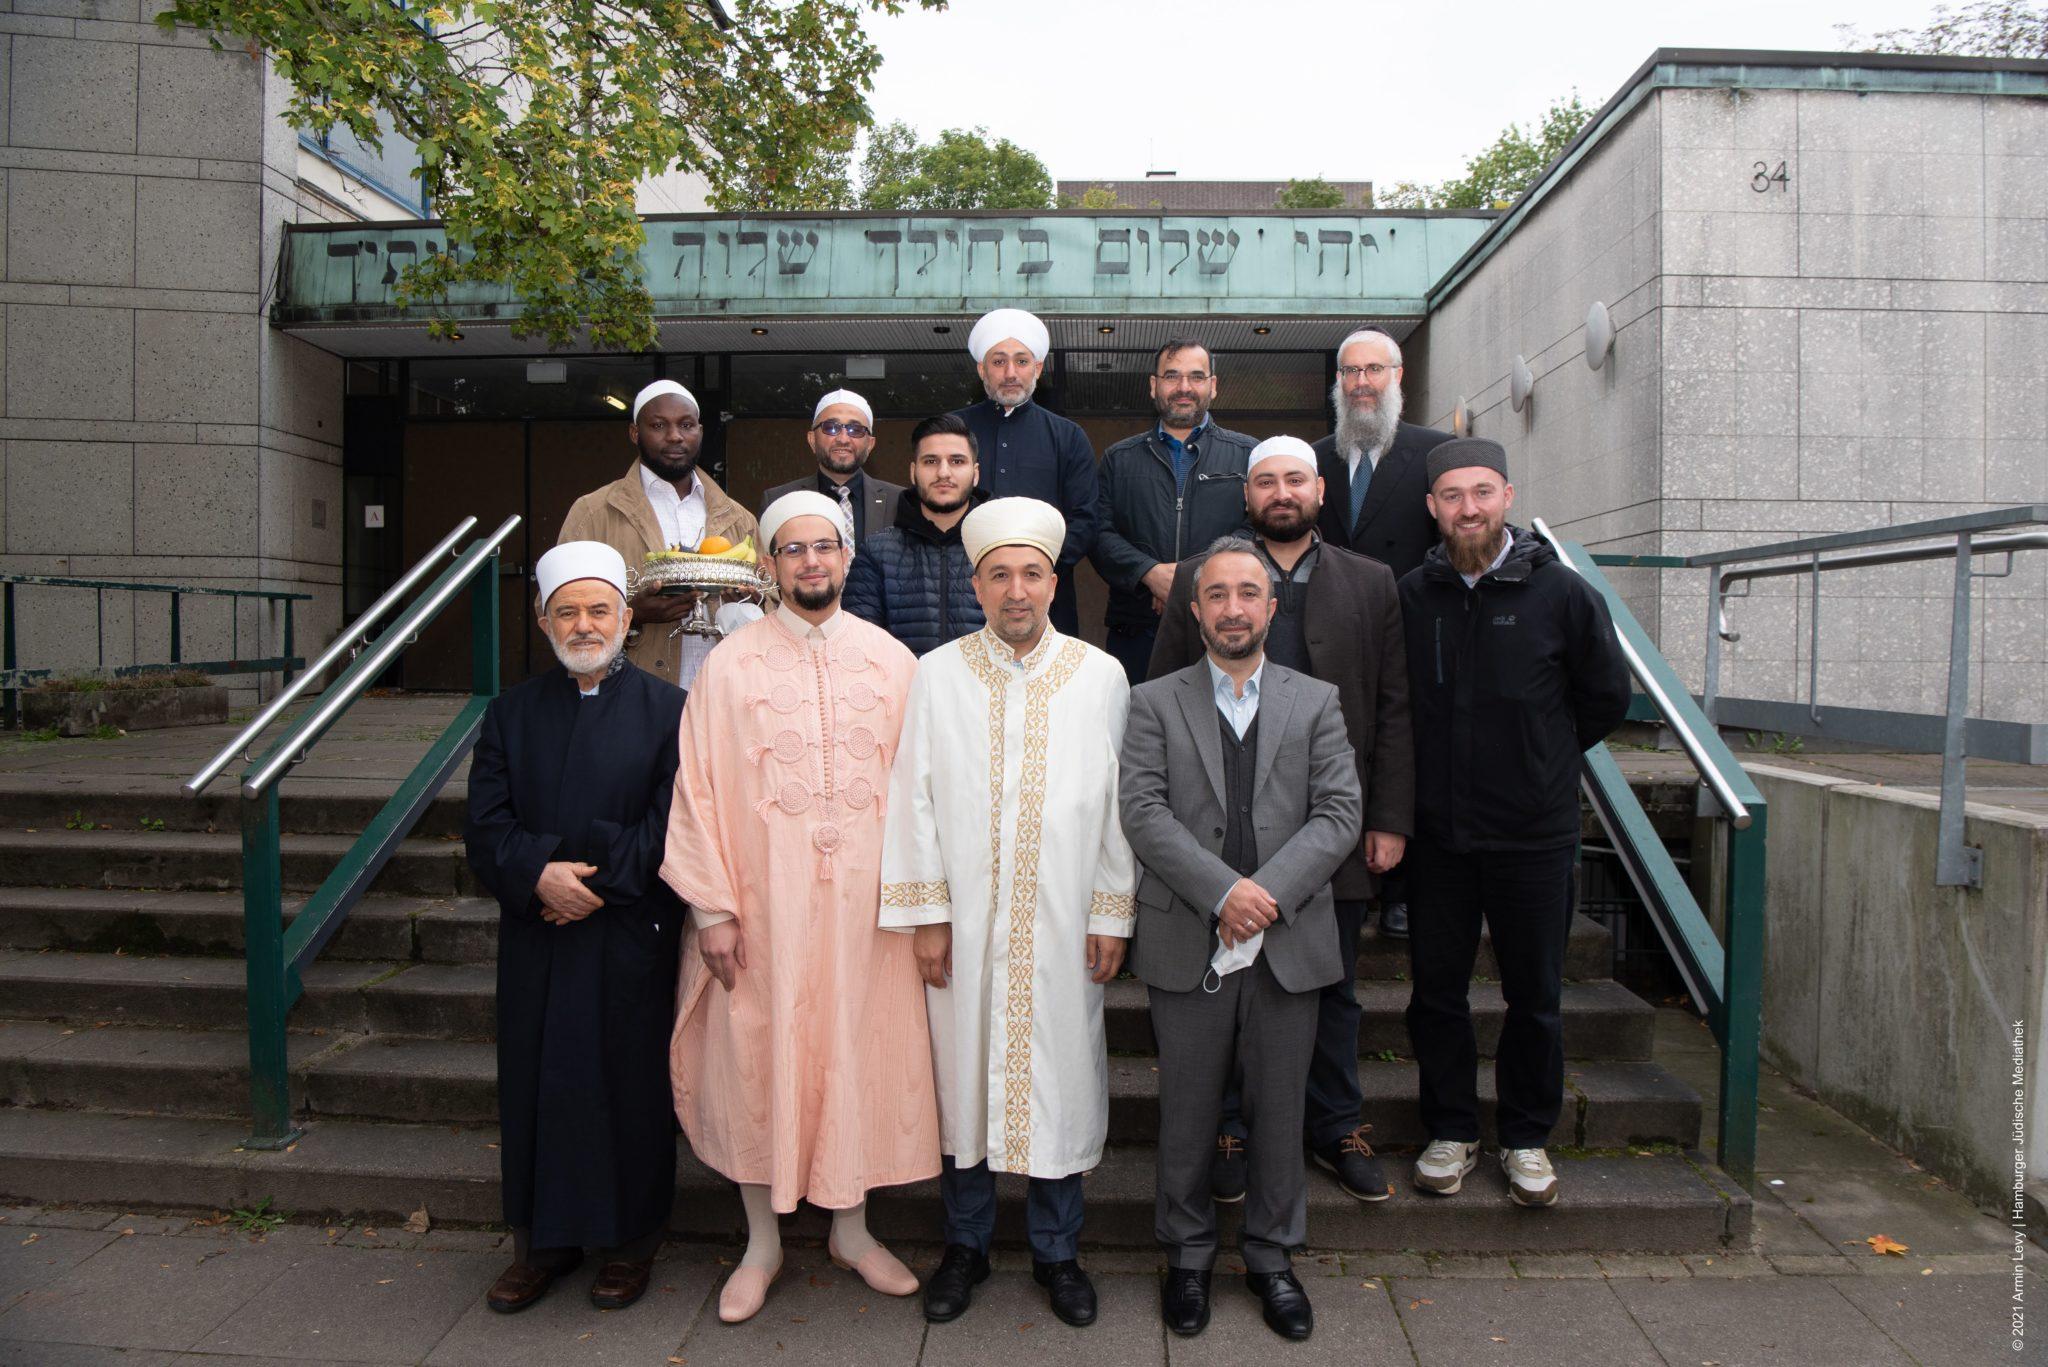 Besuch von Imamen Synagoge Hohe Weide c Armin Levy Raawi Juedisches Magazin 6055 scaled